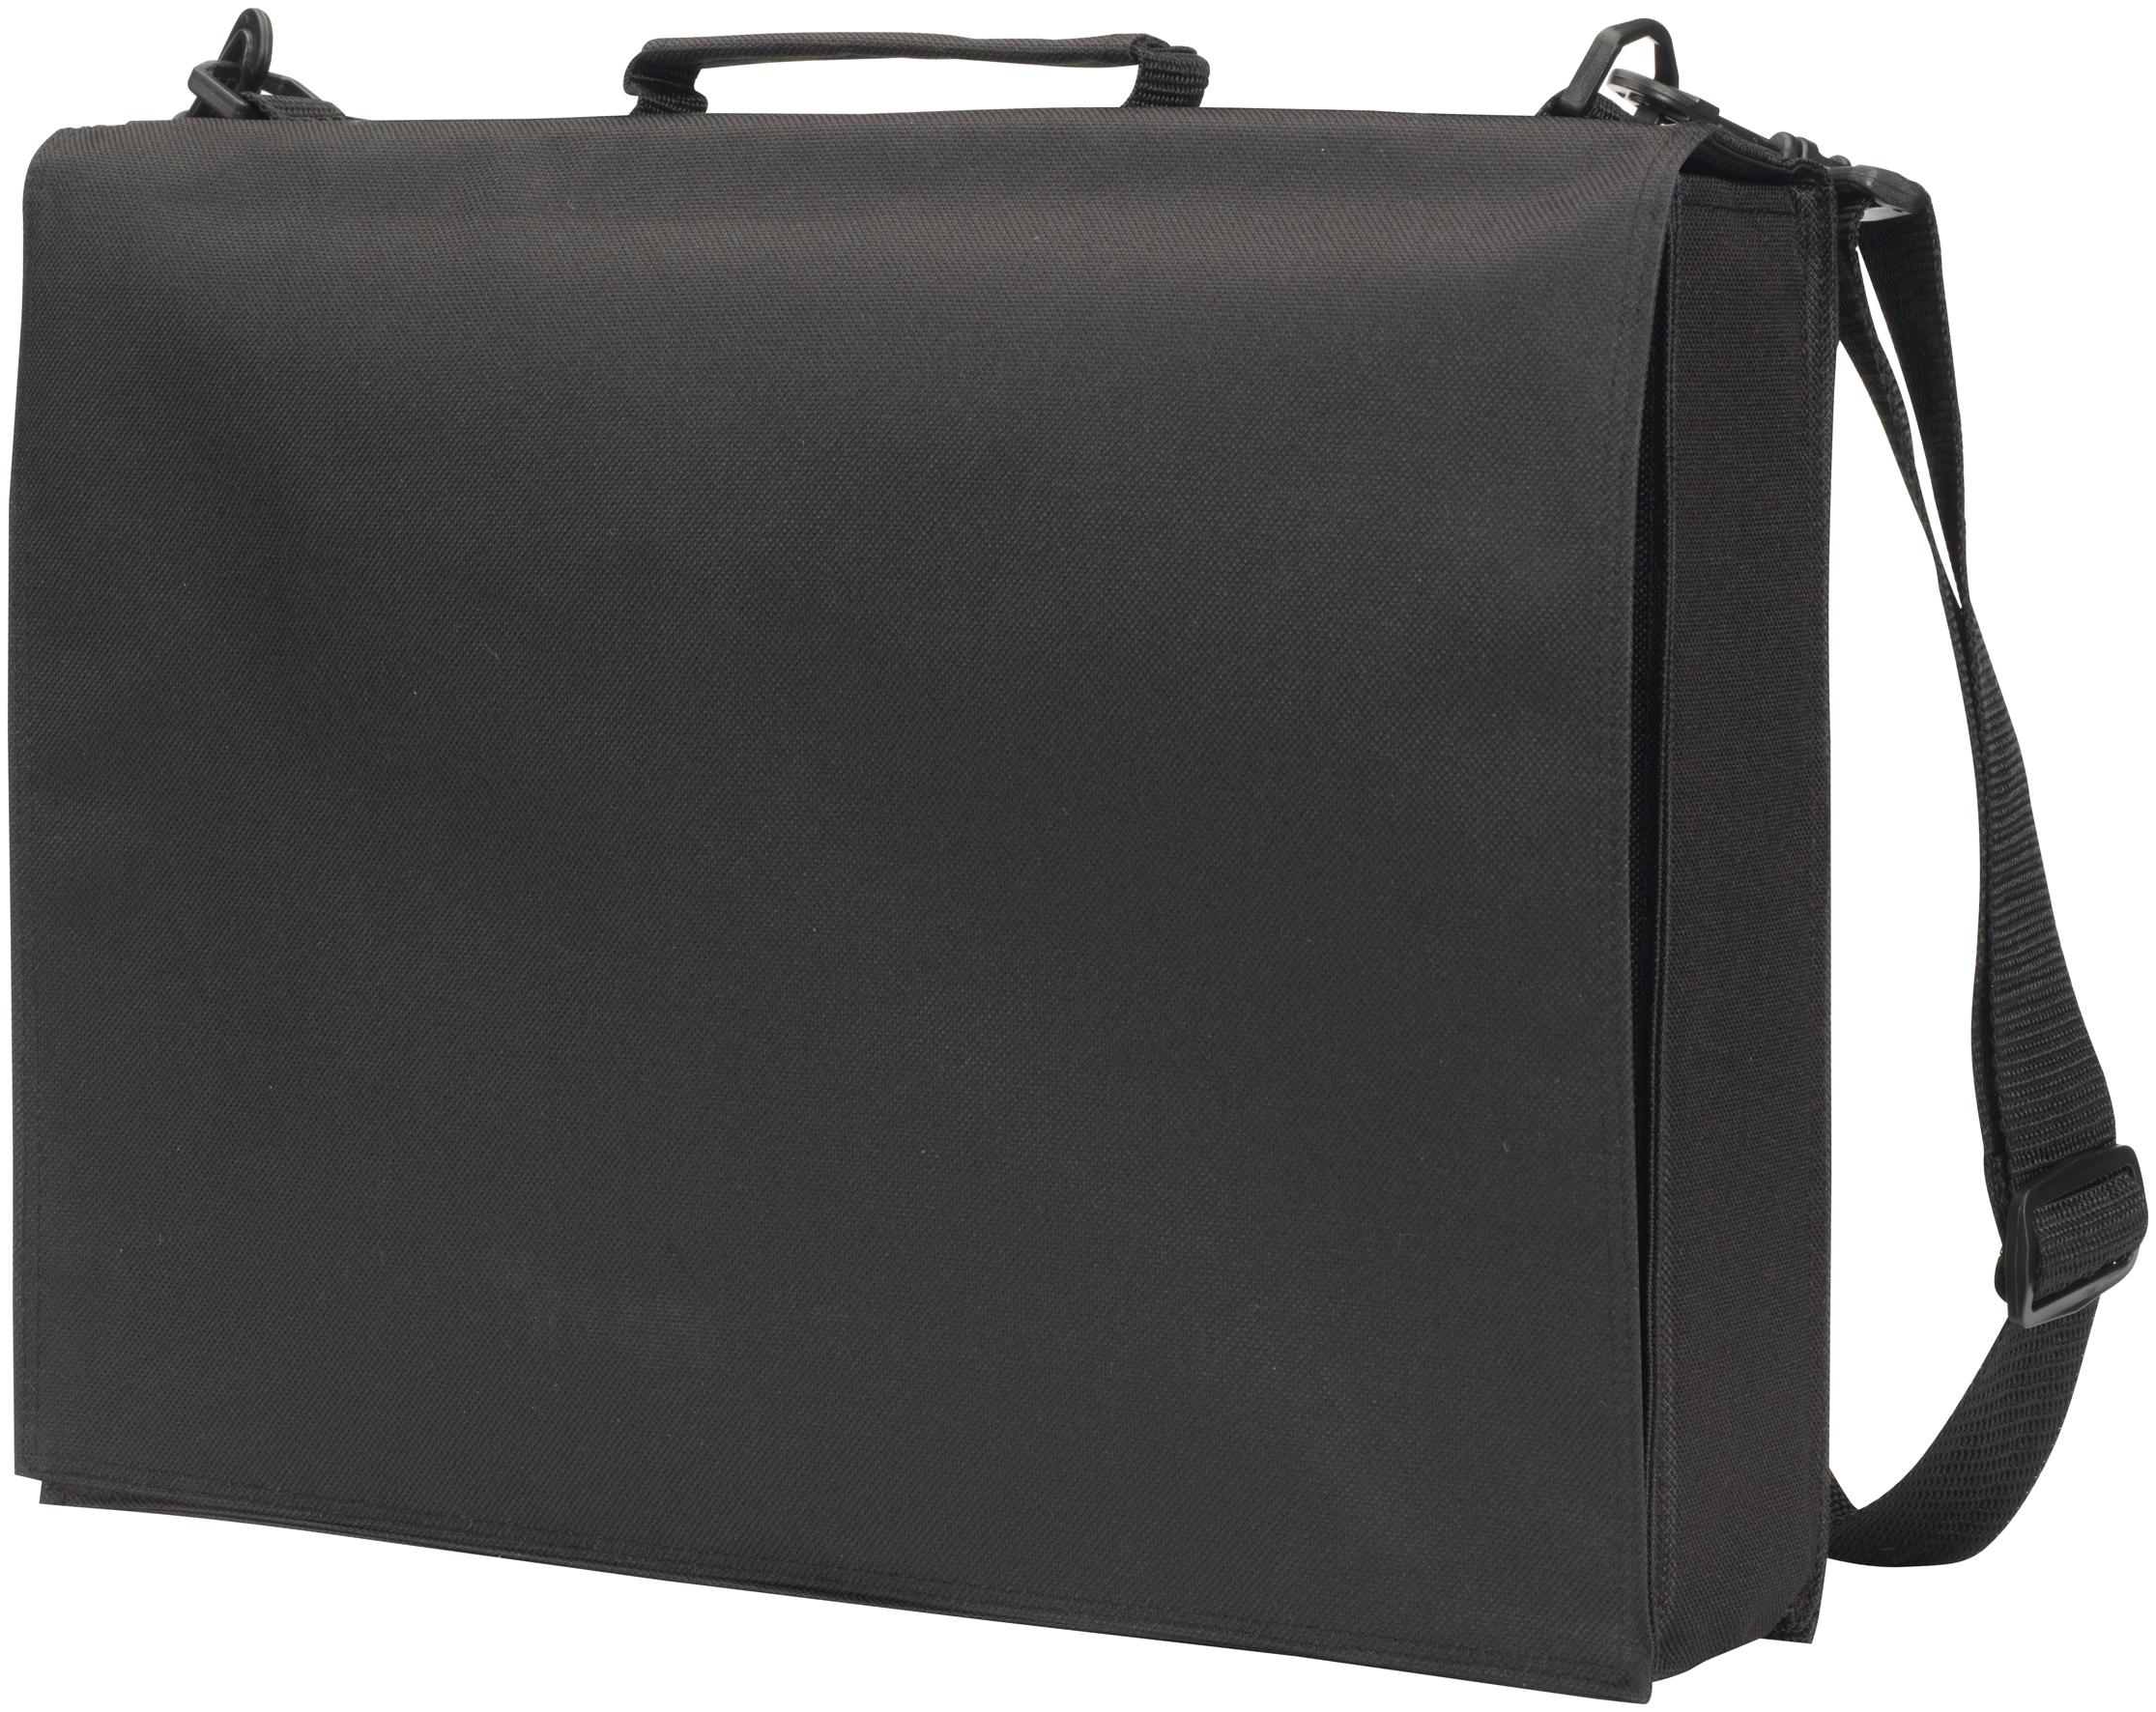 Promotional Knowlton Delegate Bag